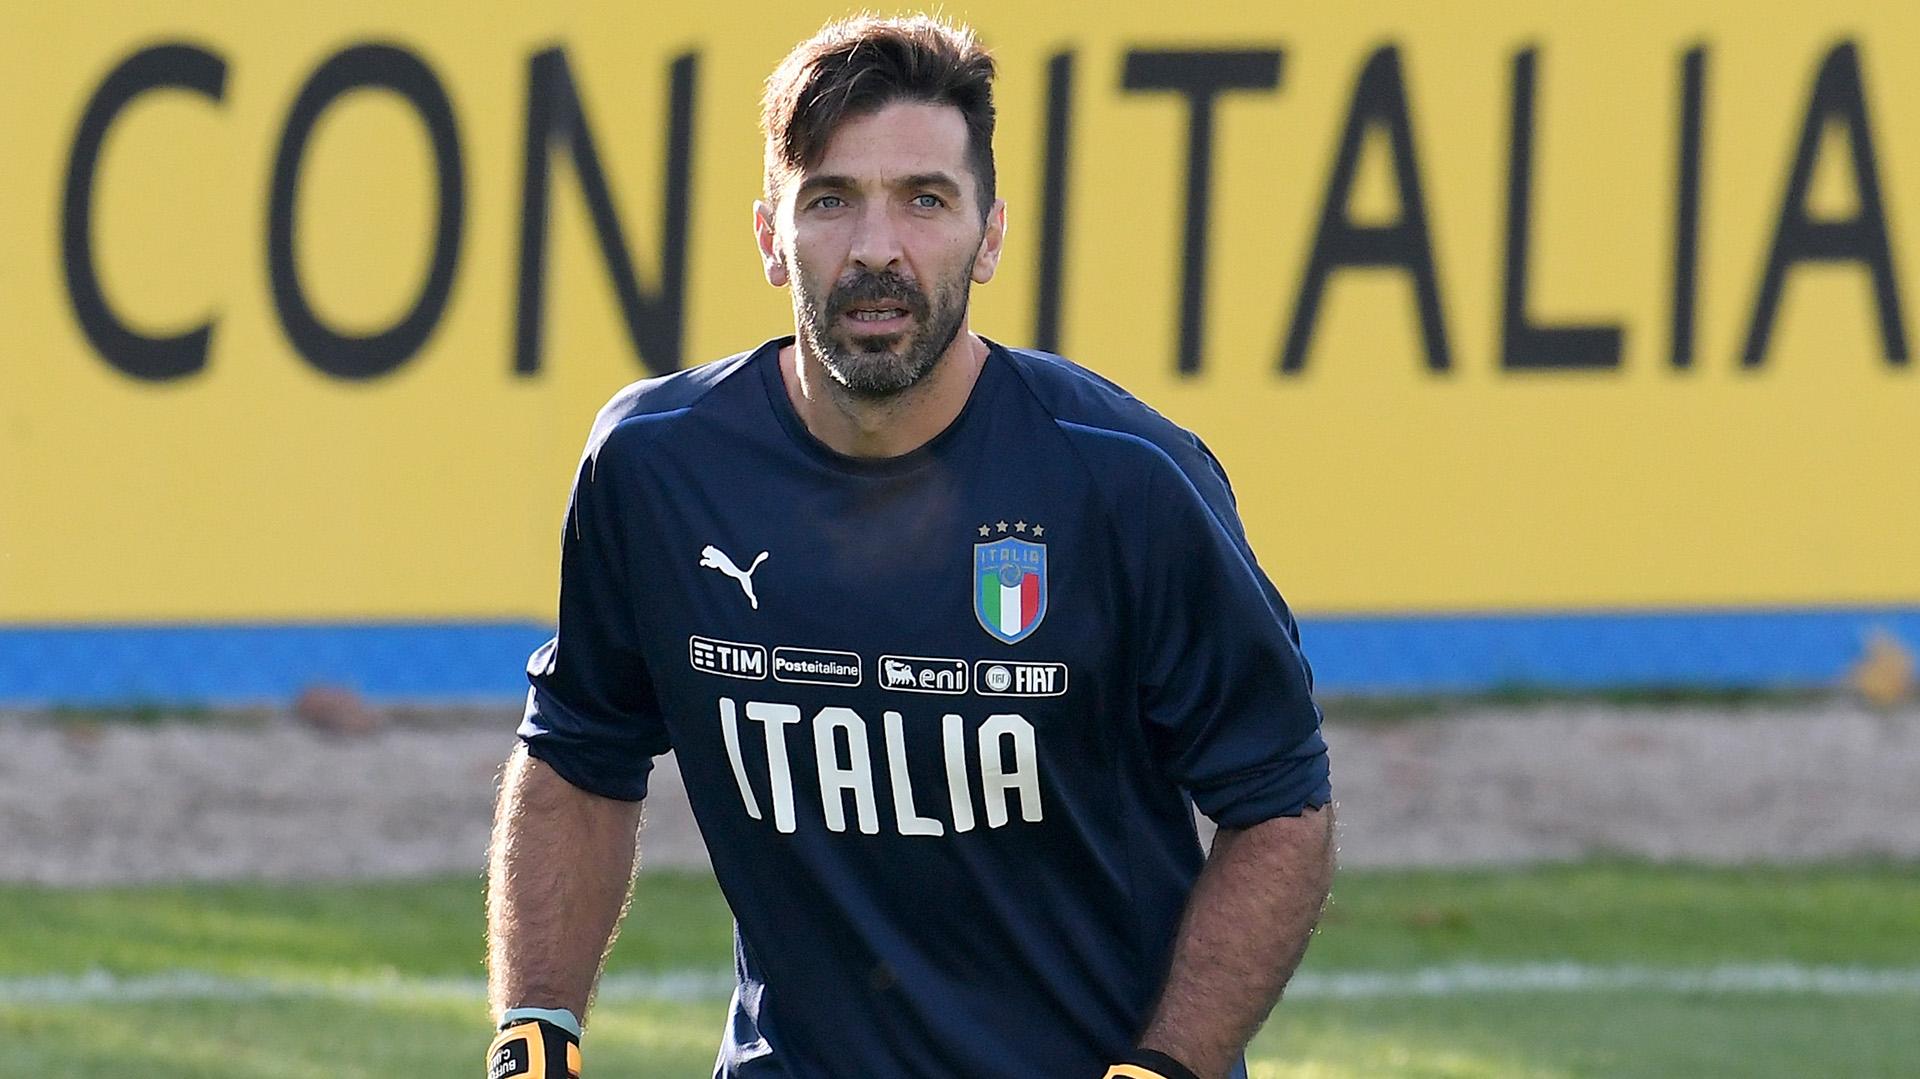 Gianluigi Buffon tiene 40 años y salió campeón del mundo con Italia en Alemania 2006 (Getty)